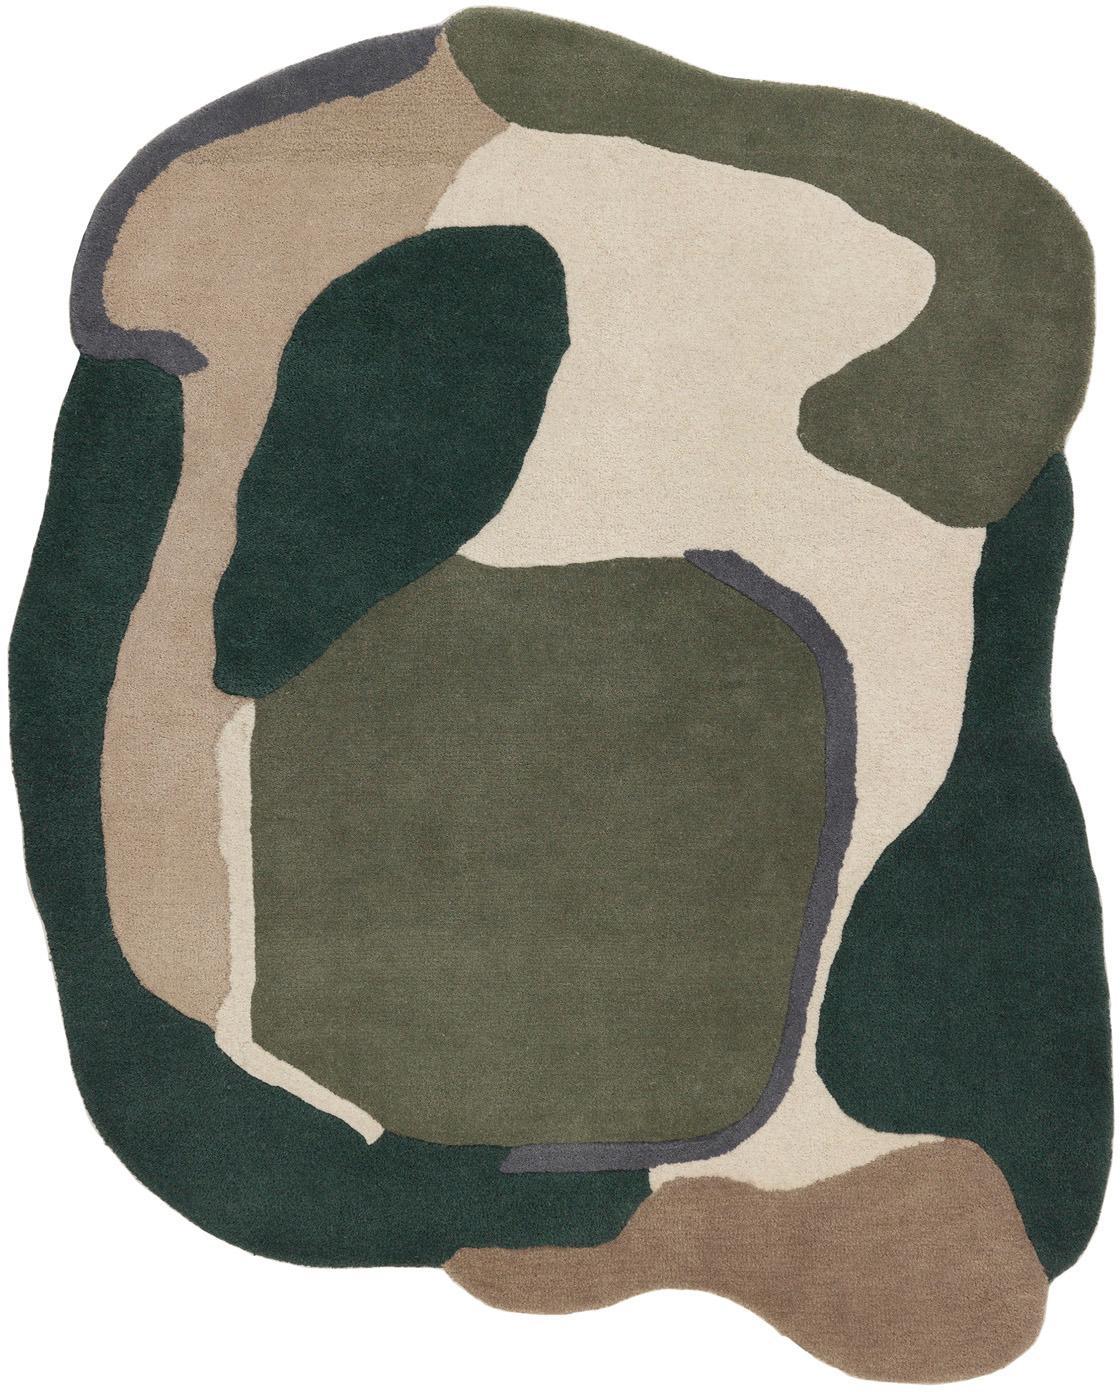 Tappeto in lana Oblivian, Retro: 55% cotone, 45% poliester, Verde, beige, Larg. 140 x Lung. 180 cm (taglia S)